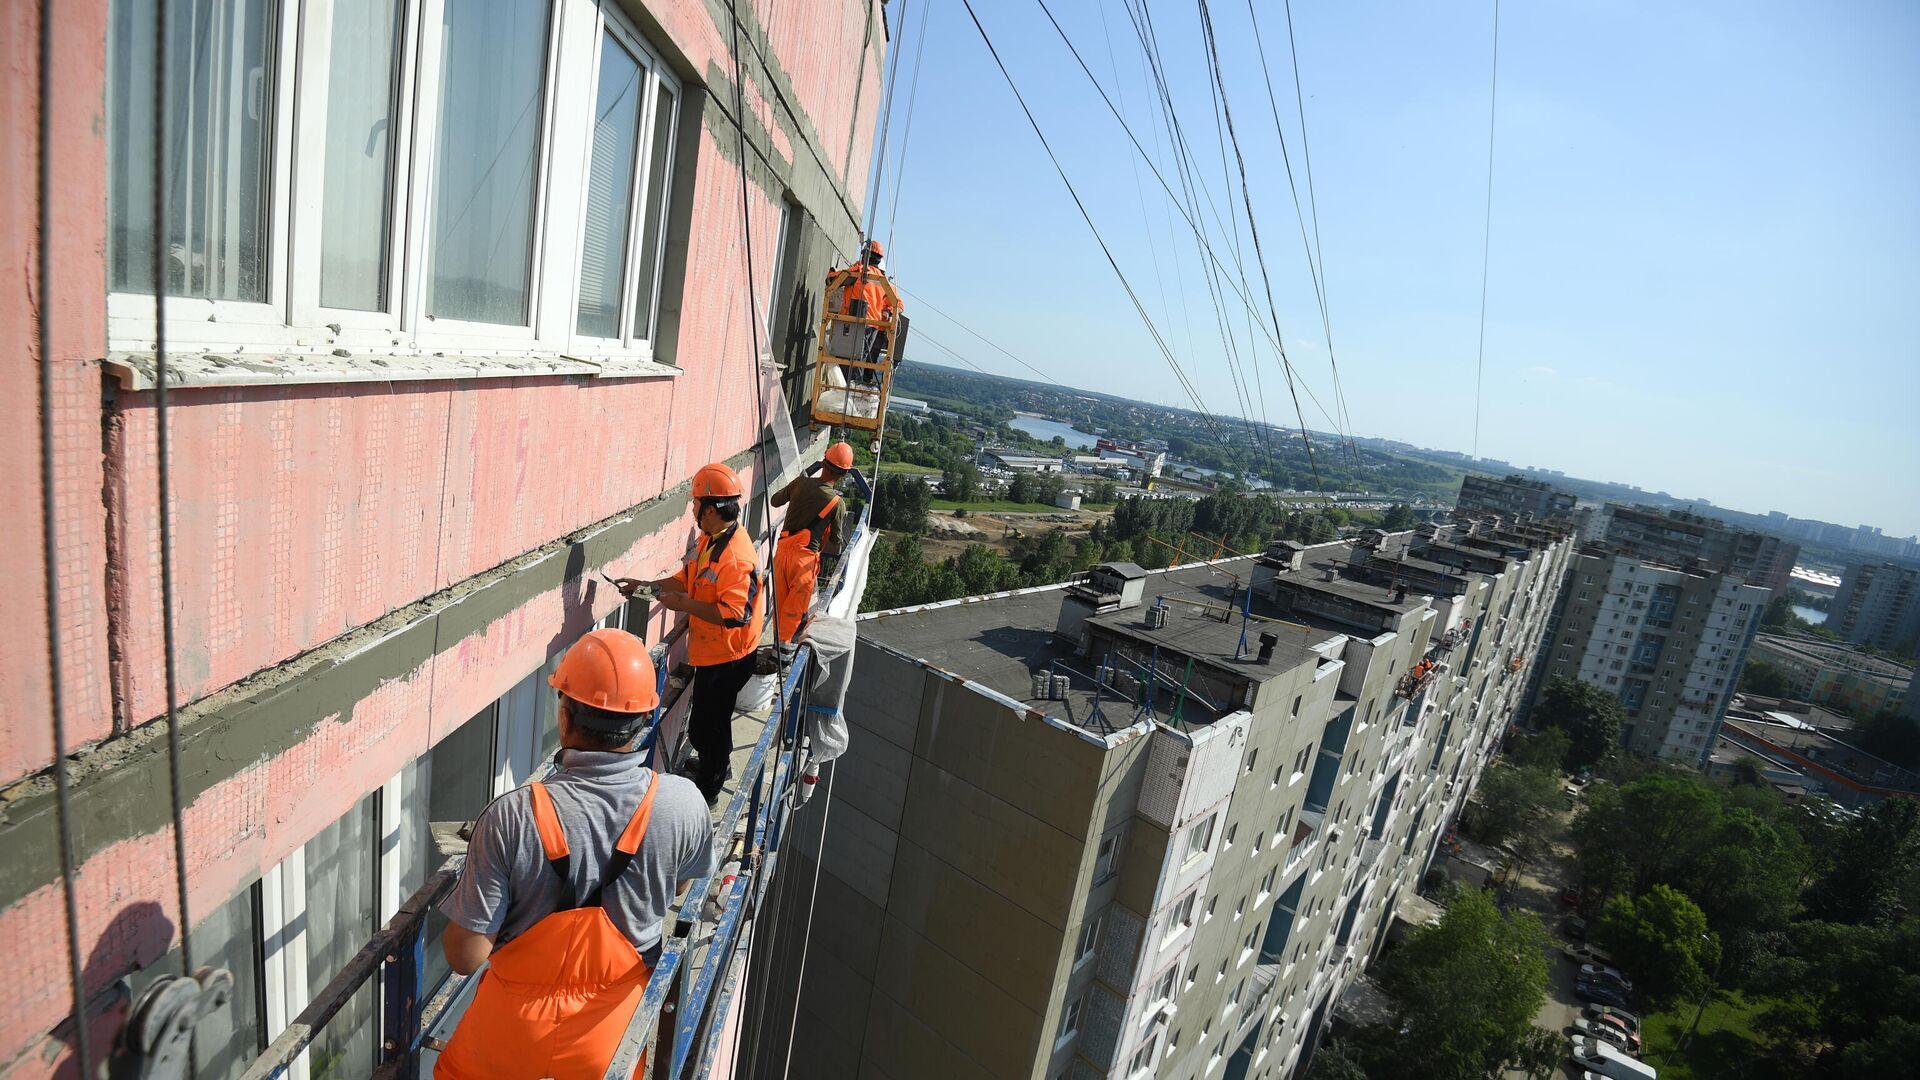 Рабочие проводят ремонт жилого дома - РИА Новости, 1920, 23.06.2021